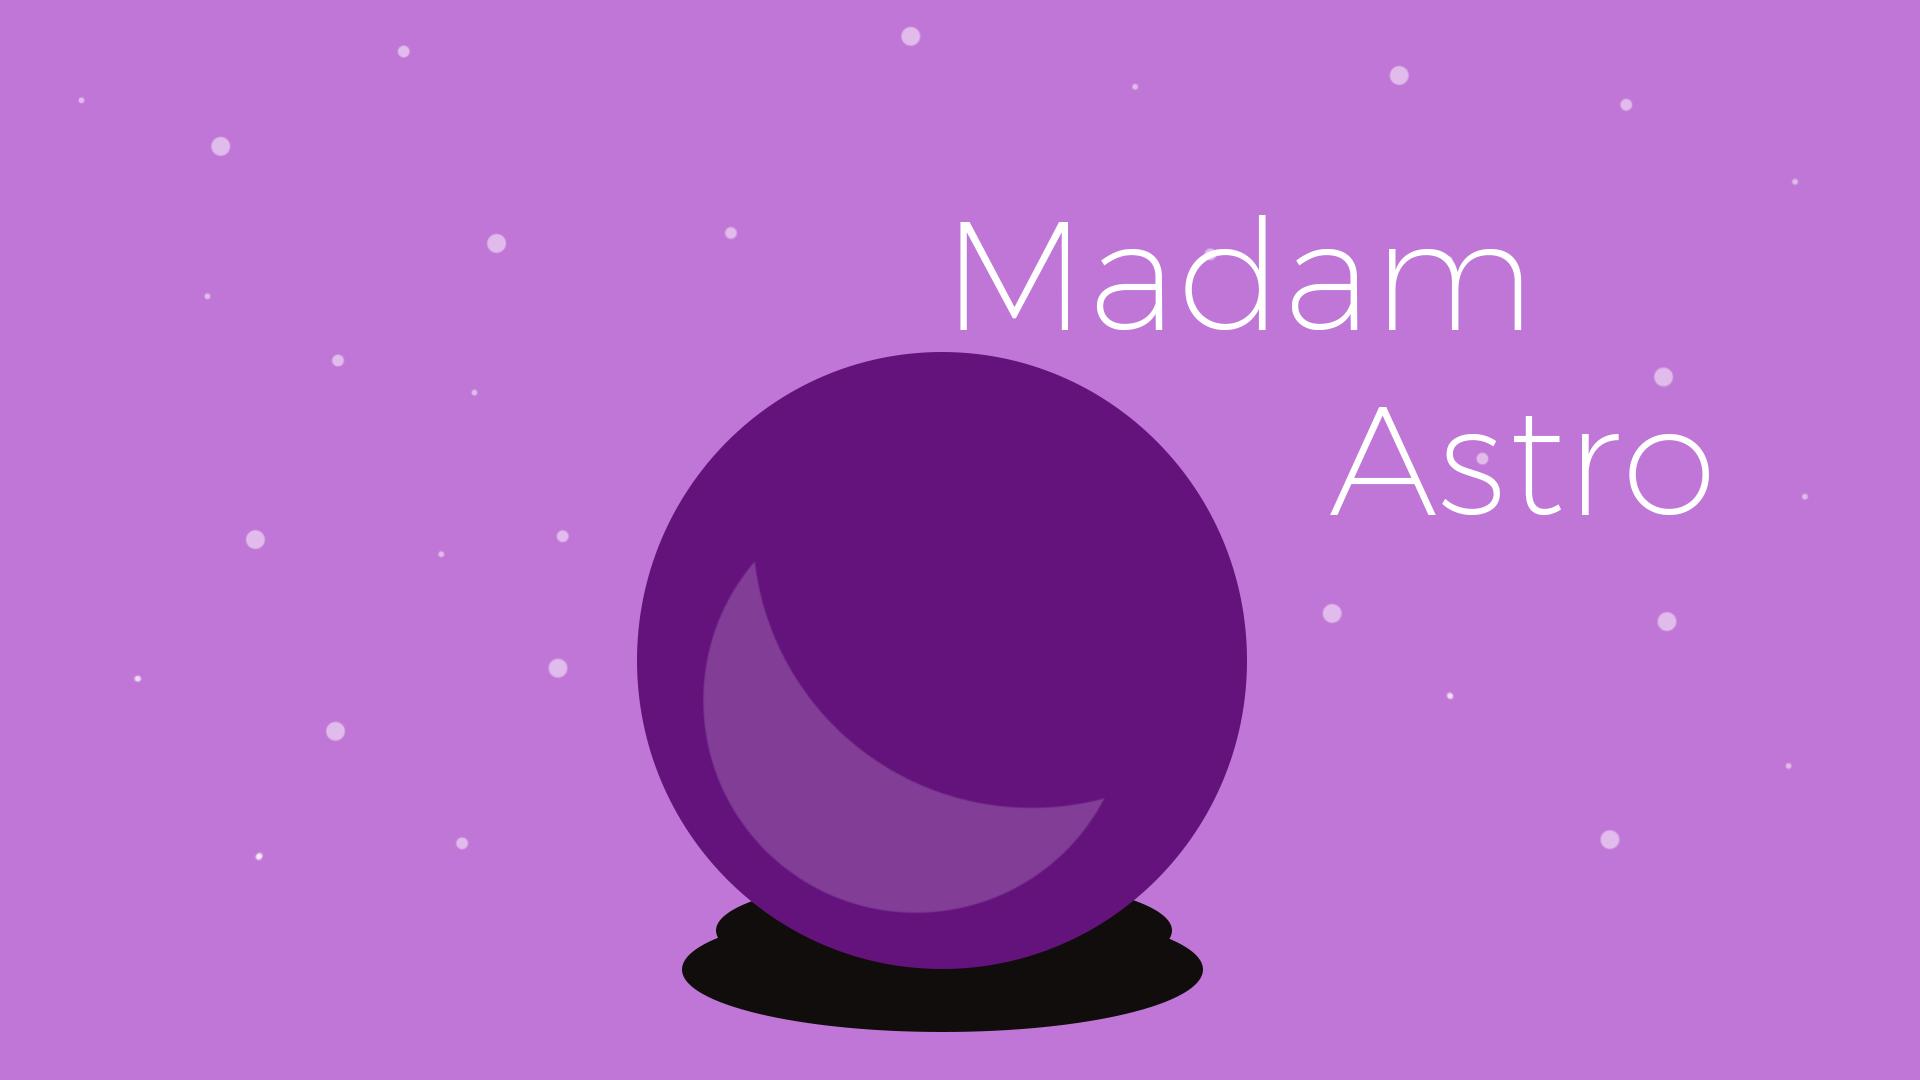 Madam Astro App Banner